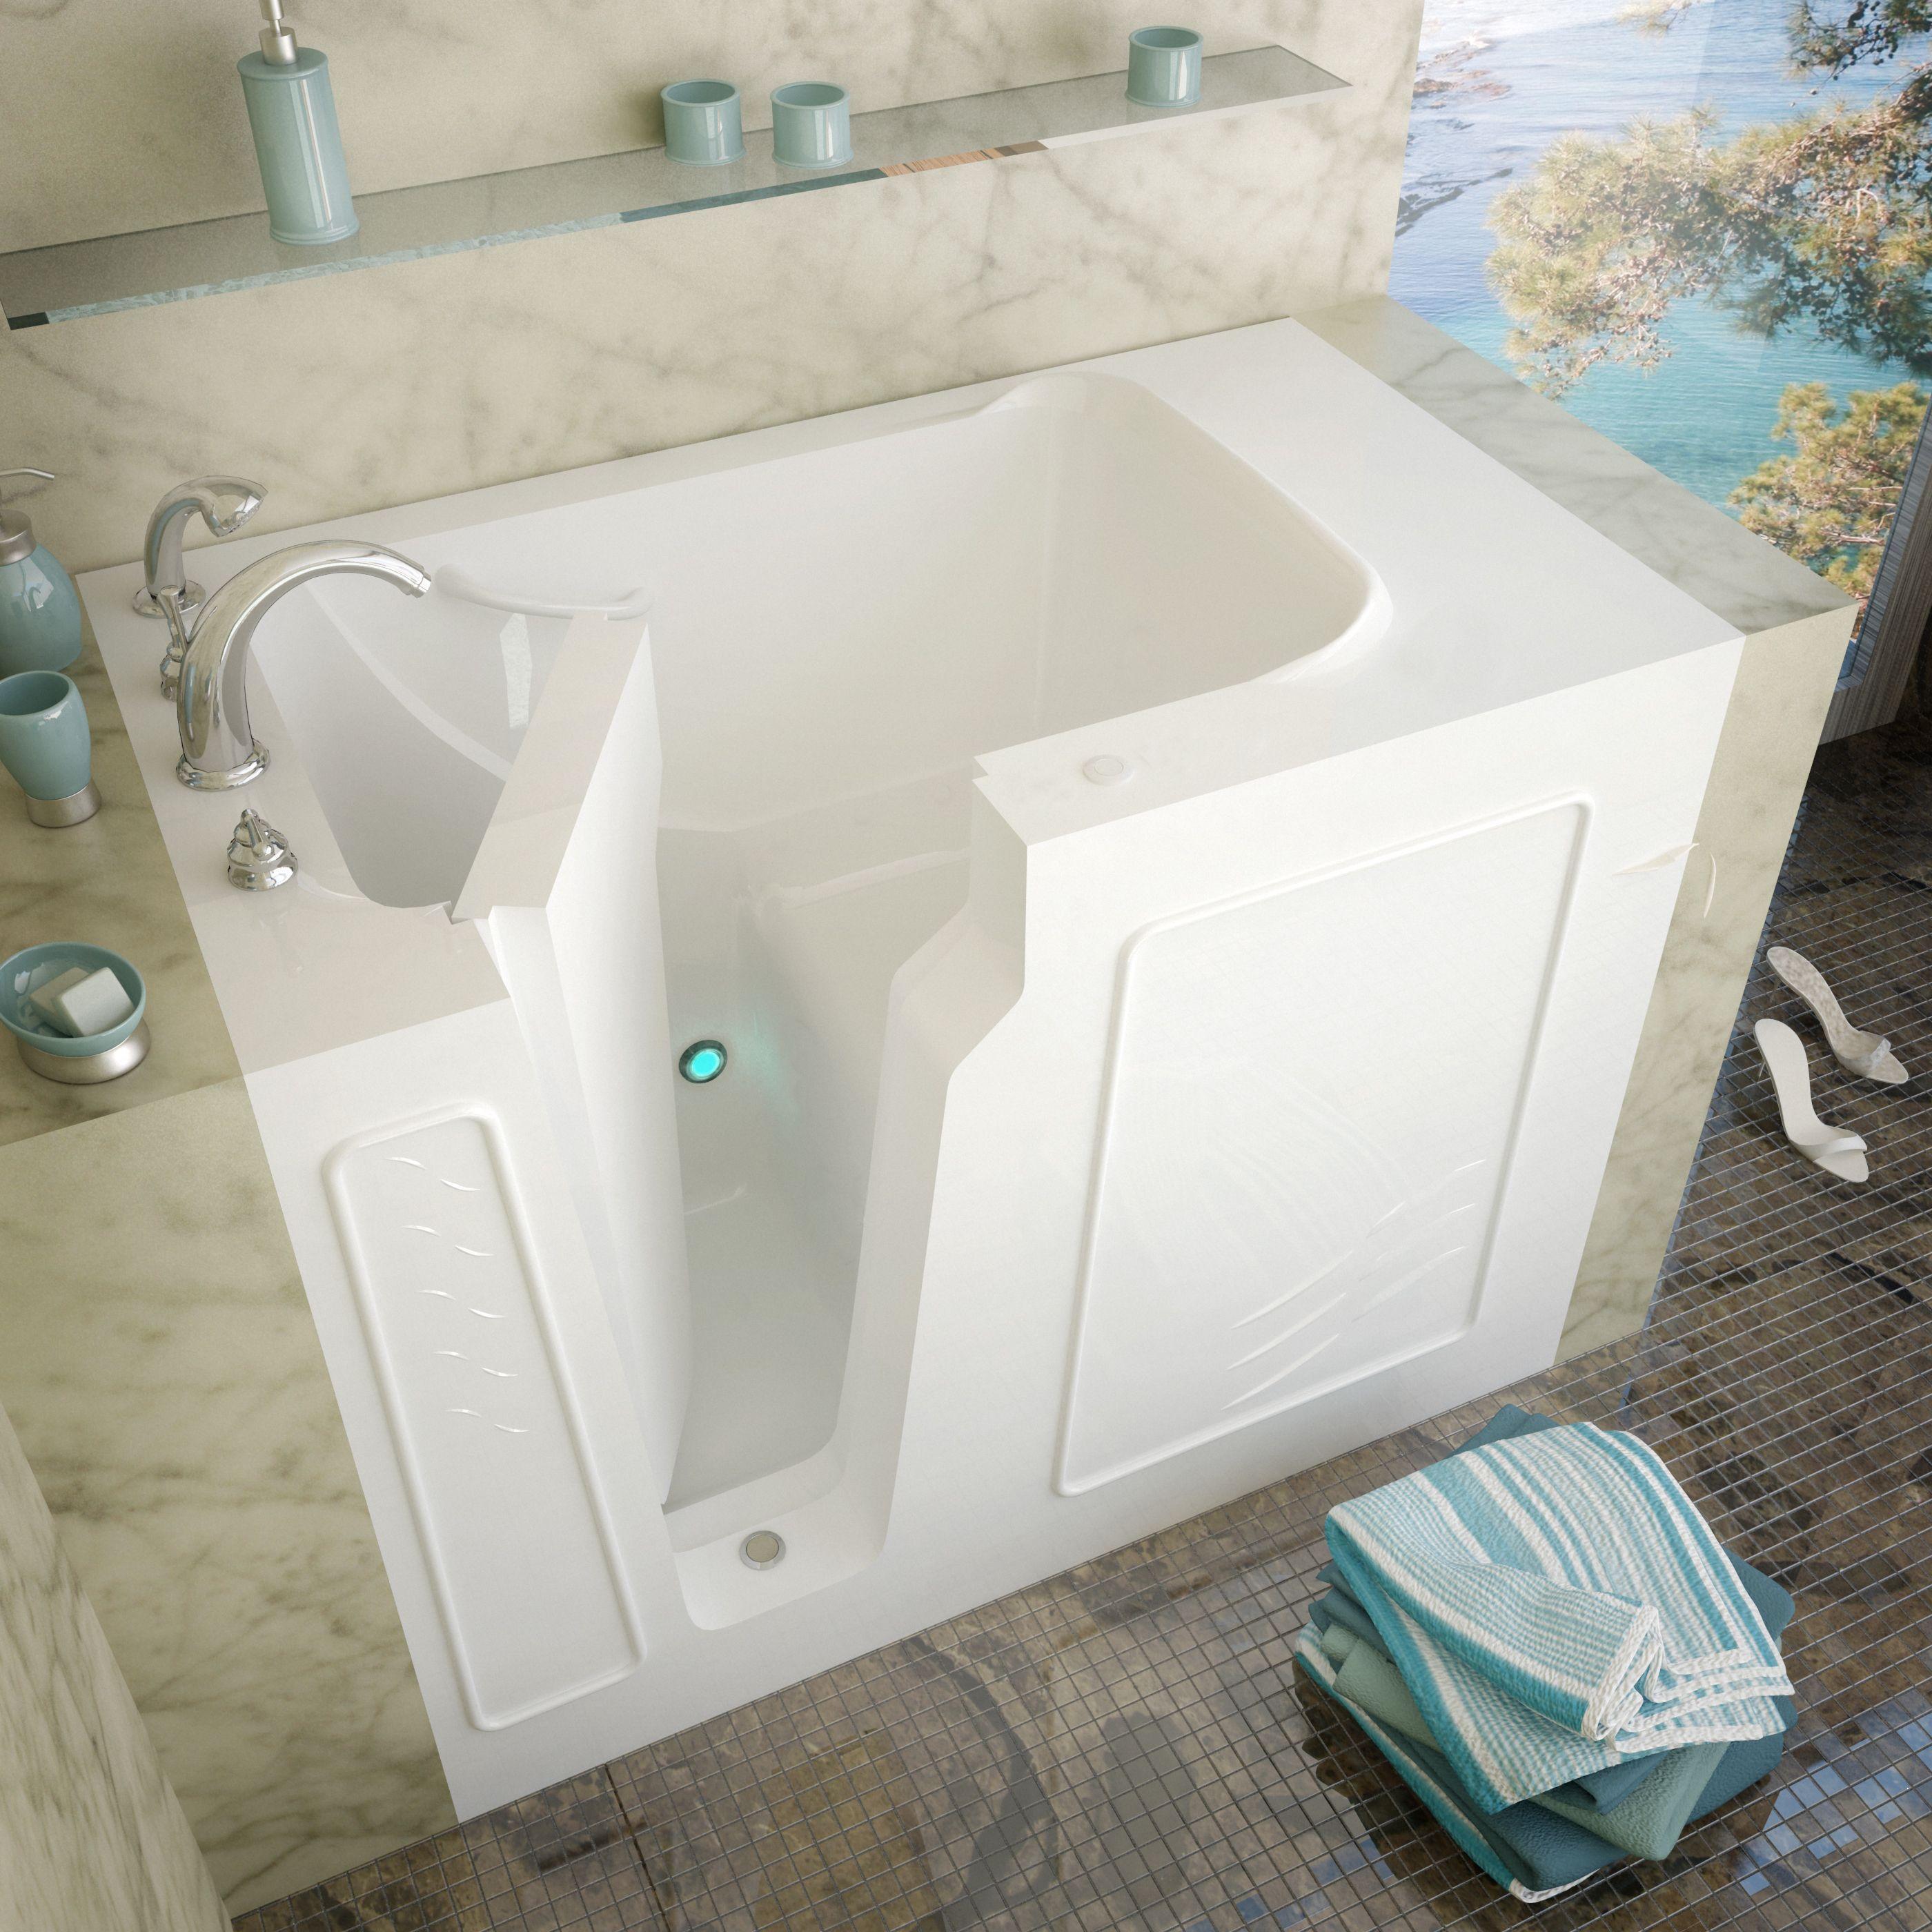 Meditub 29x52 Inch Left Drain White Soaking Walk In Bathtub Walk